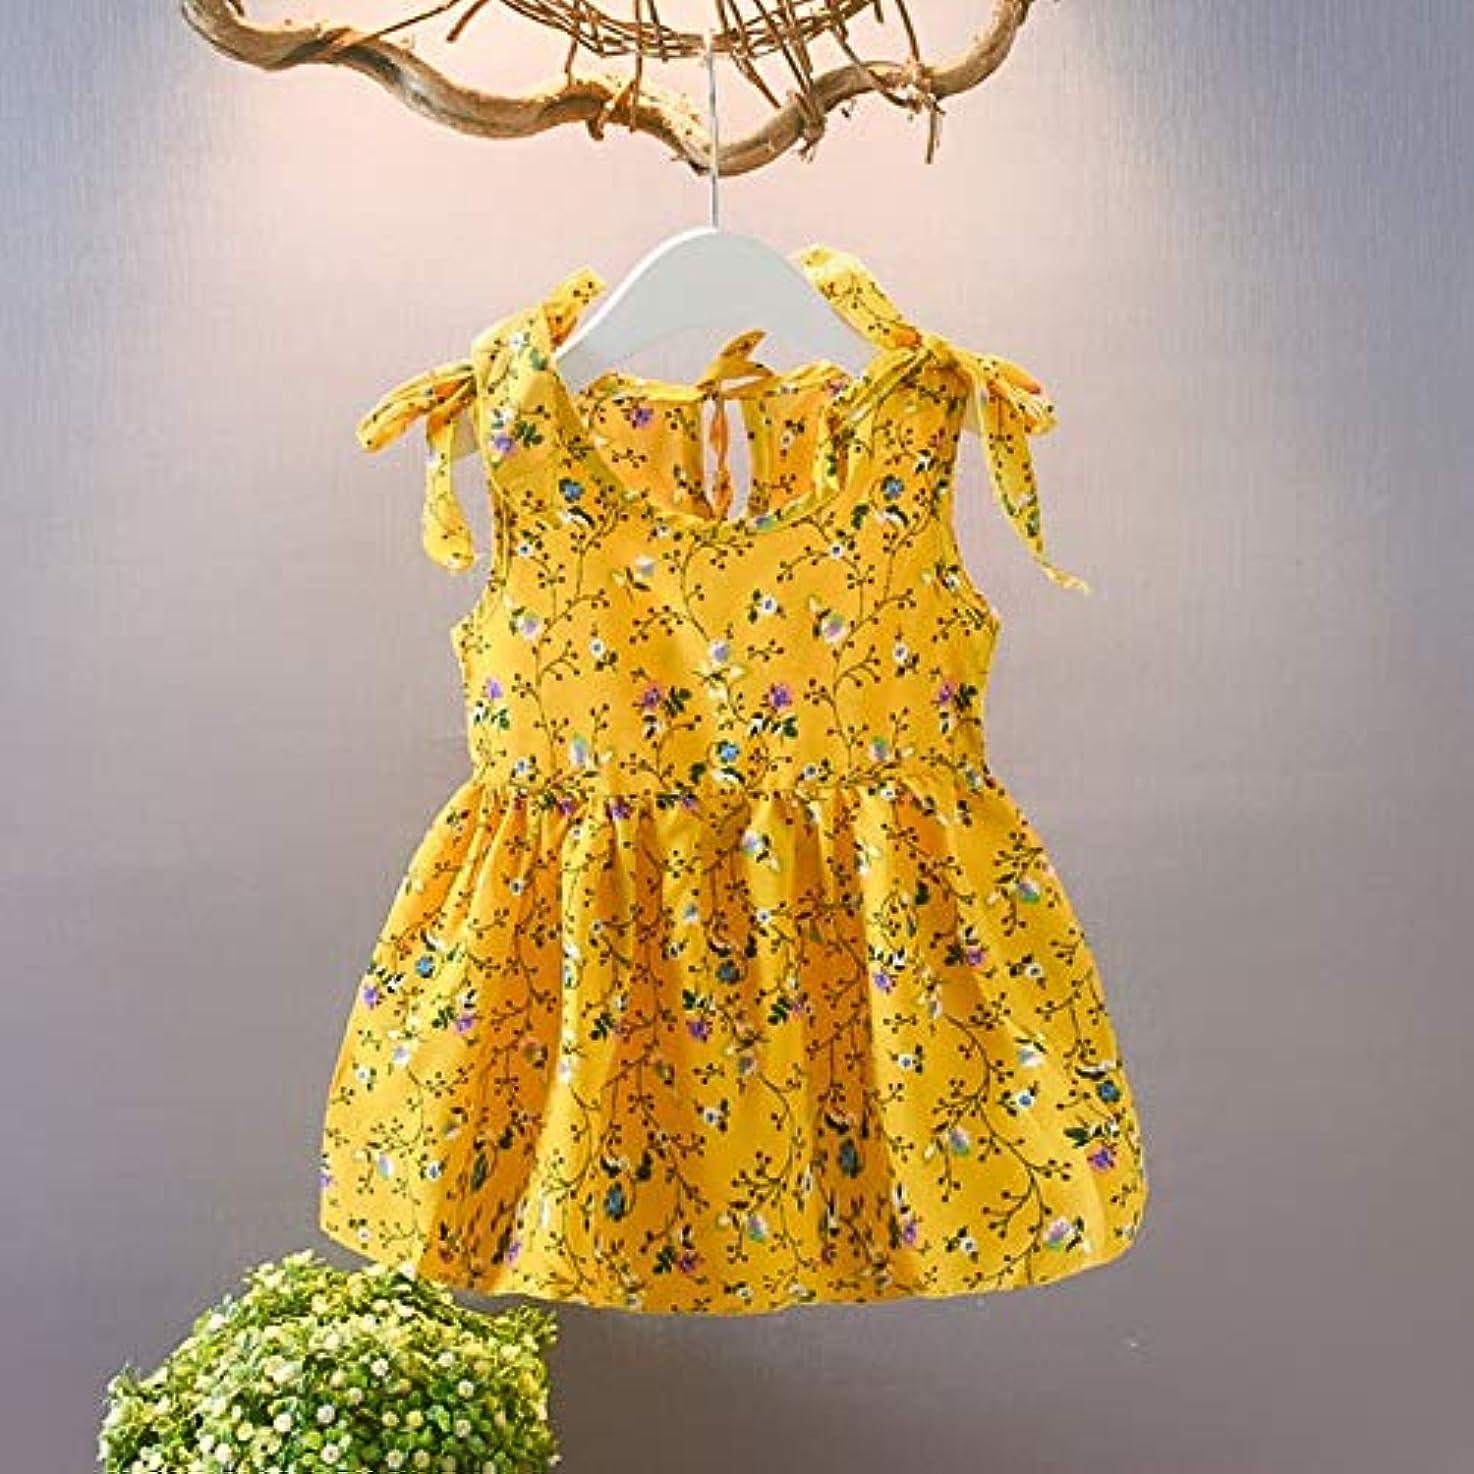 プレゼン静かな清めるZXSM O-首ファッションベビー女の子のドレスの綿の定期的な幼児ベビーキッズ女の子ノースリーブリボンボウ花プリンセスドレスH5 (色 : C, Kid Size : 18M)